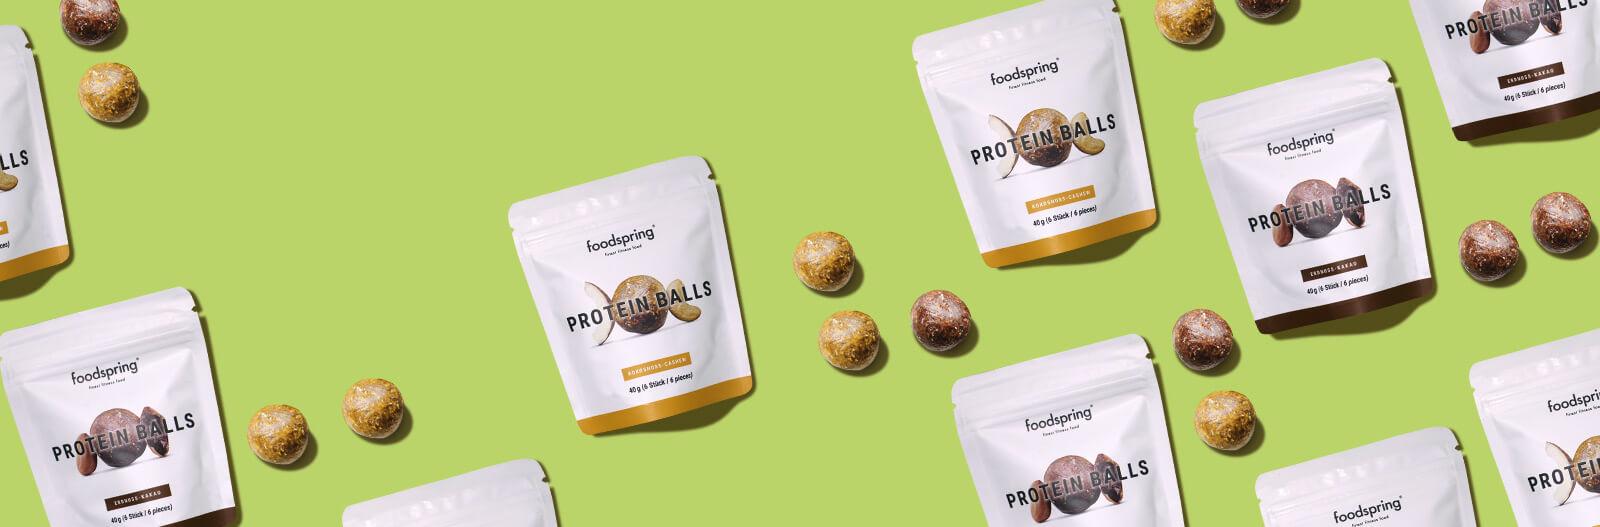 Der Protein-Snack im Taschenformat.